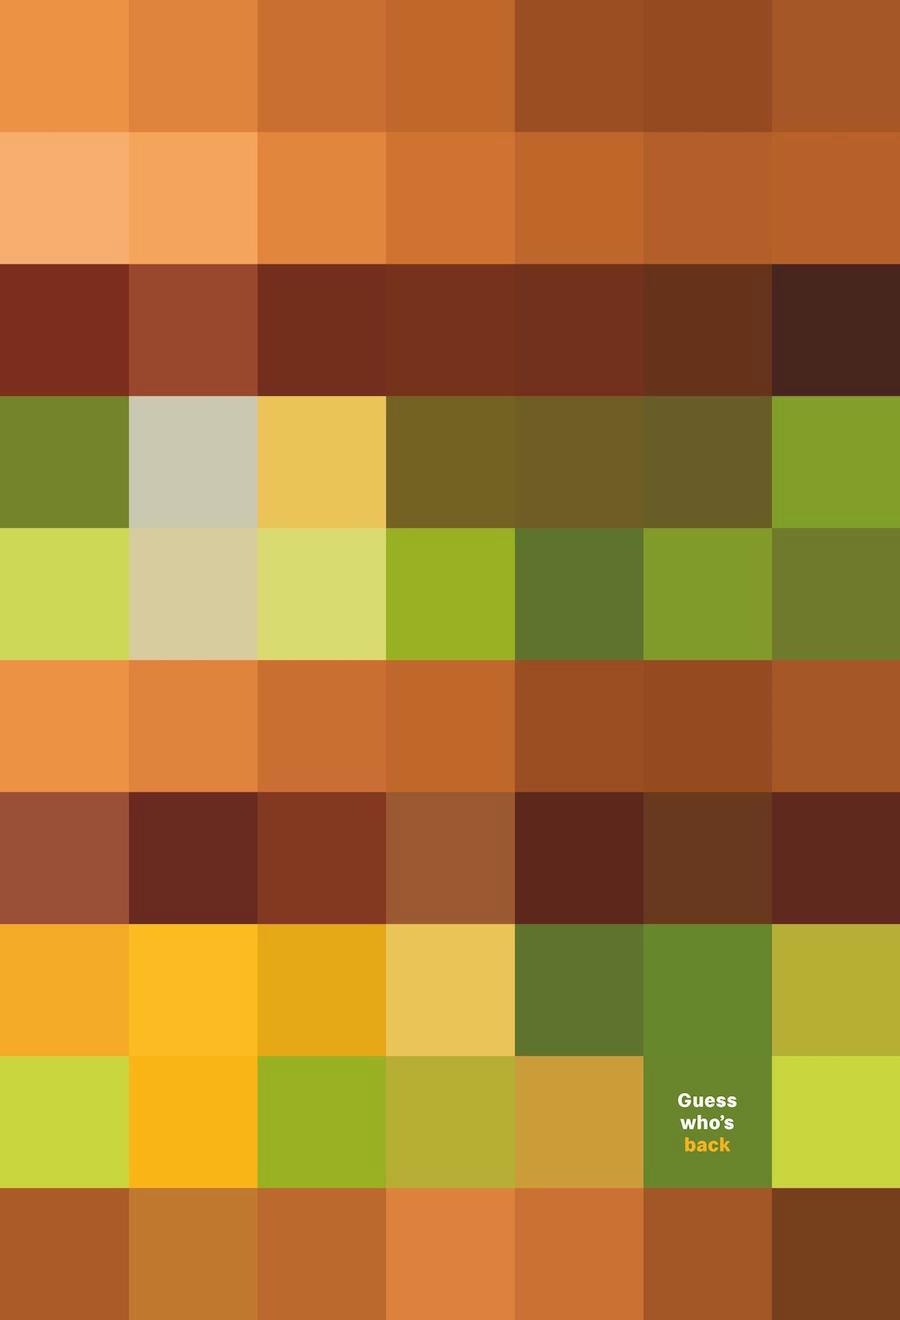 McDonald's Pixels - Big Mac